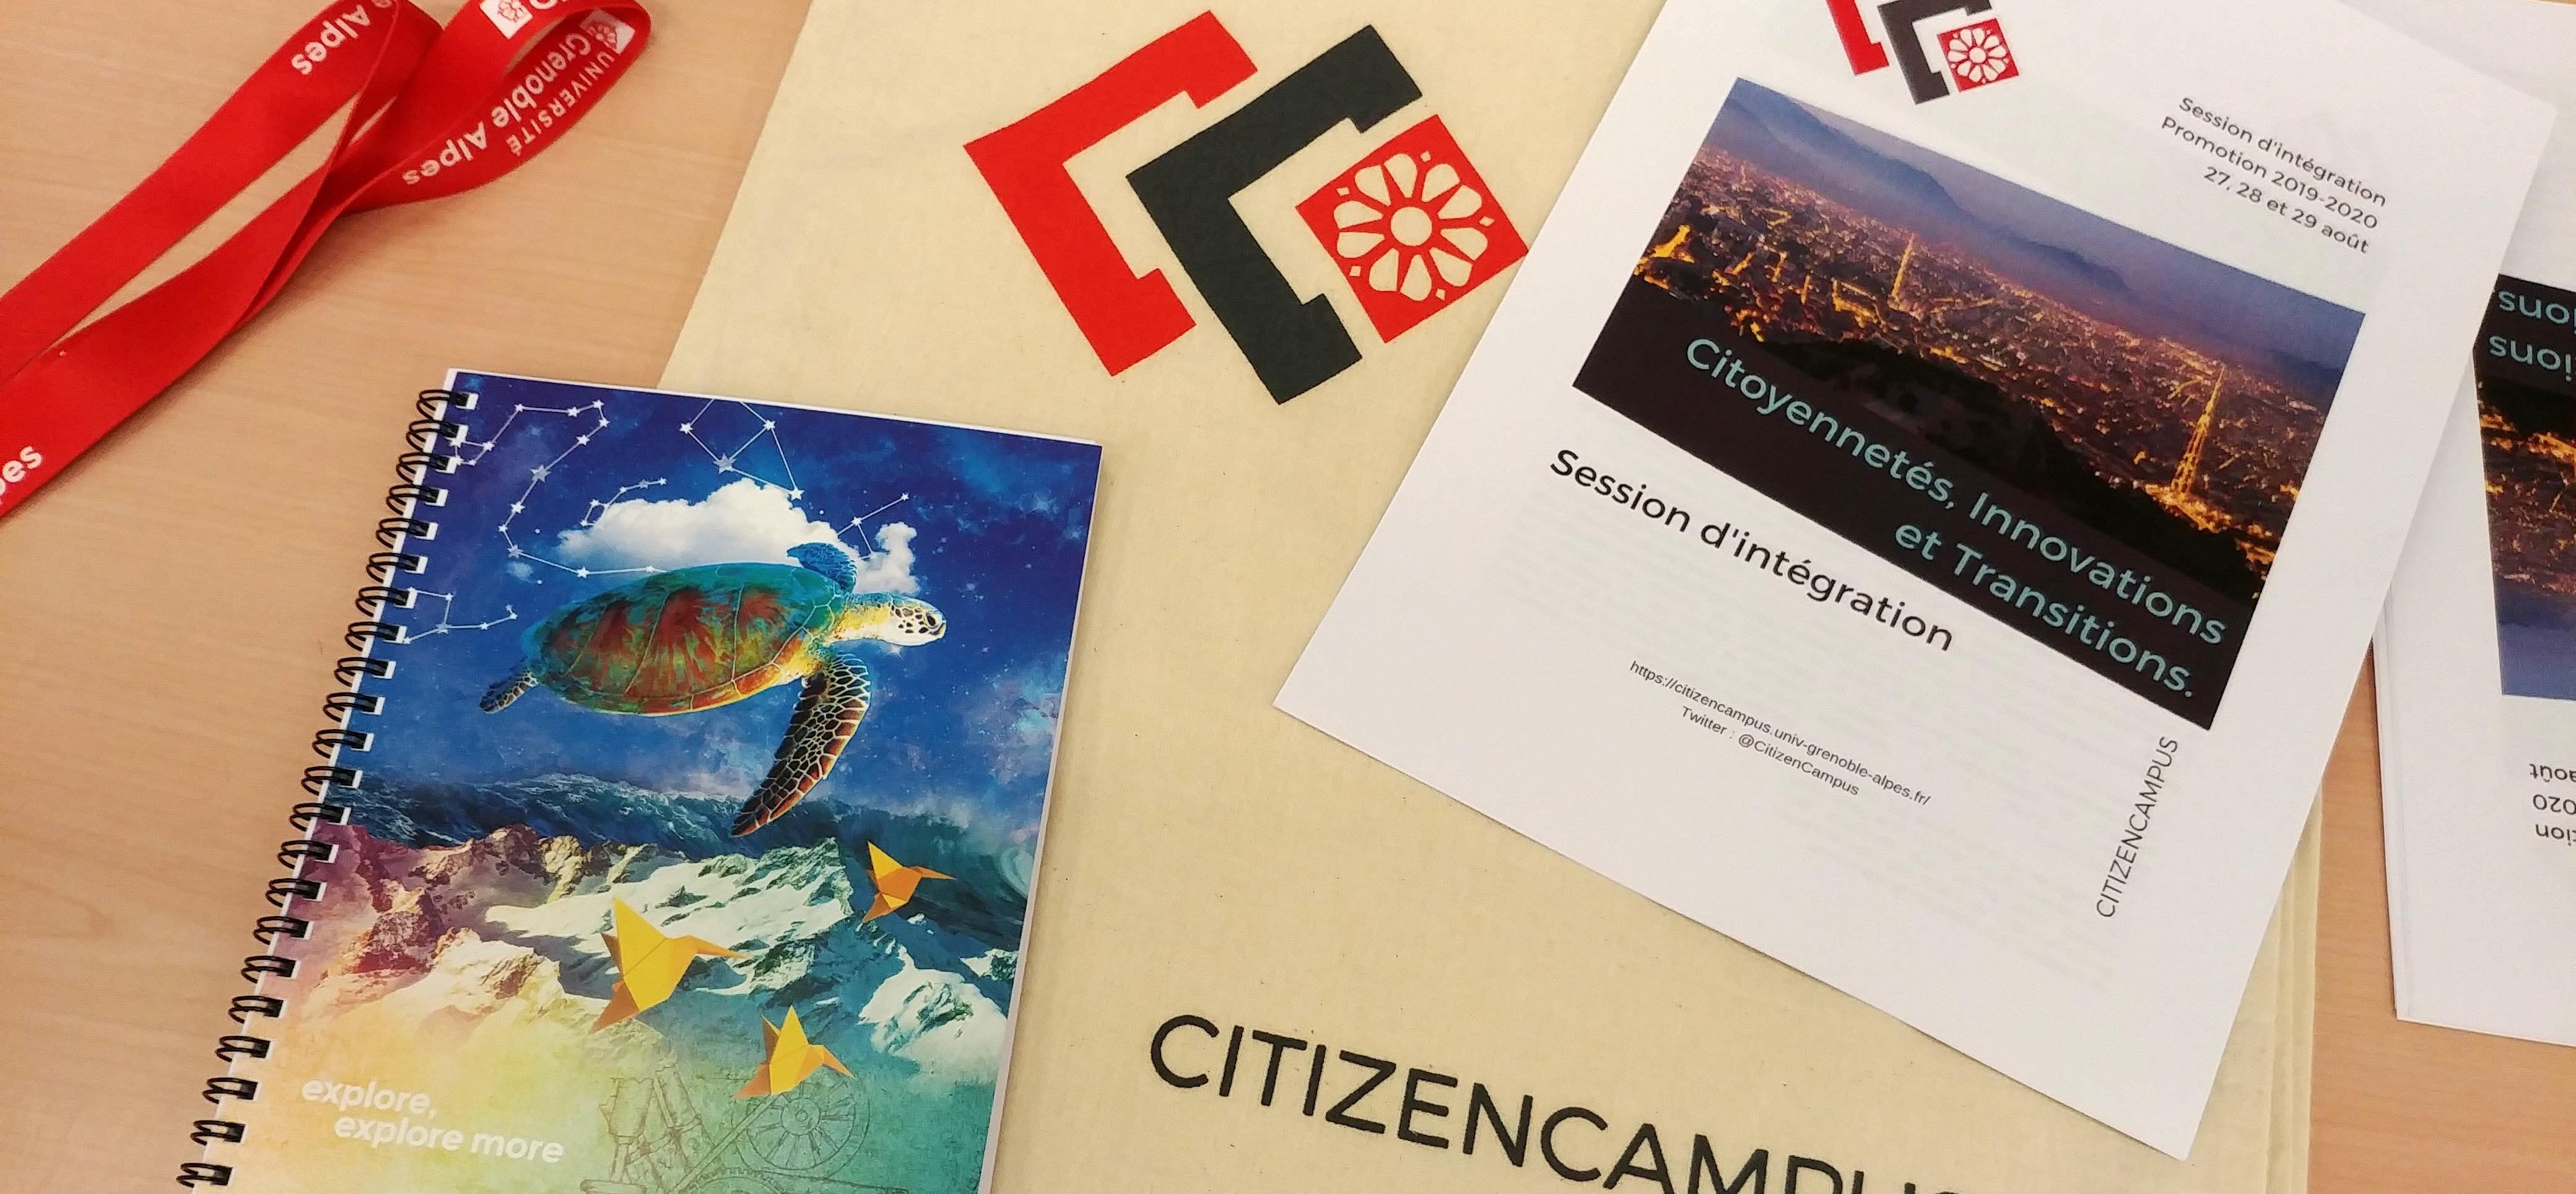 Rentrée CitizenCampus